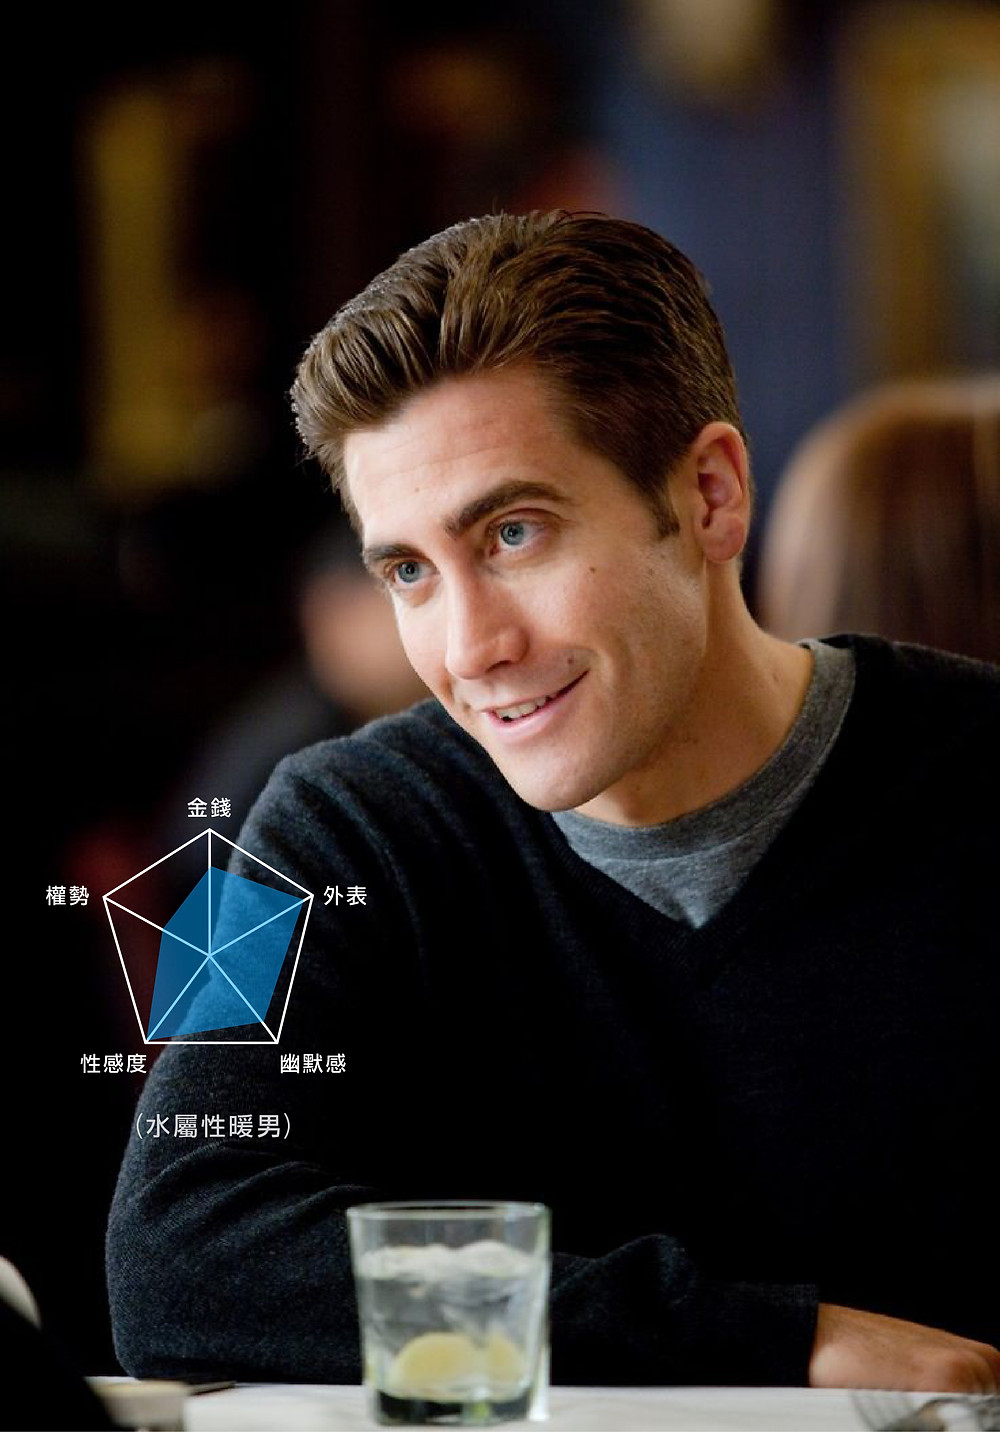 《愛情藥不藥》/ 傑克葛倫霍(Jake Gyllenhaal)